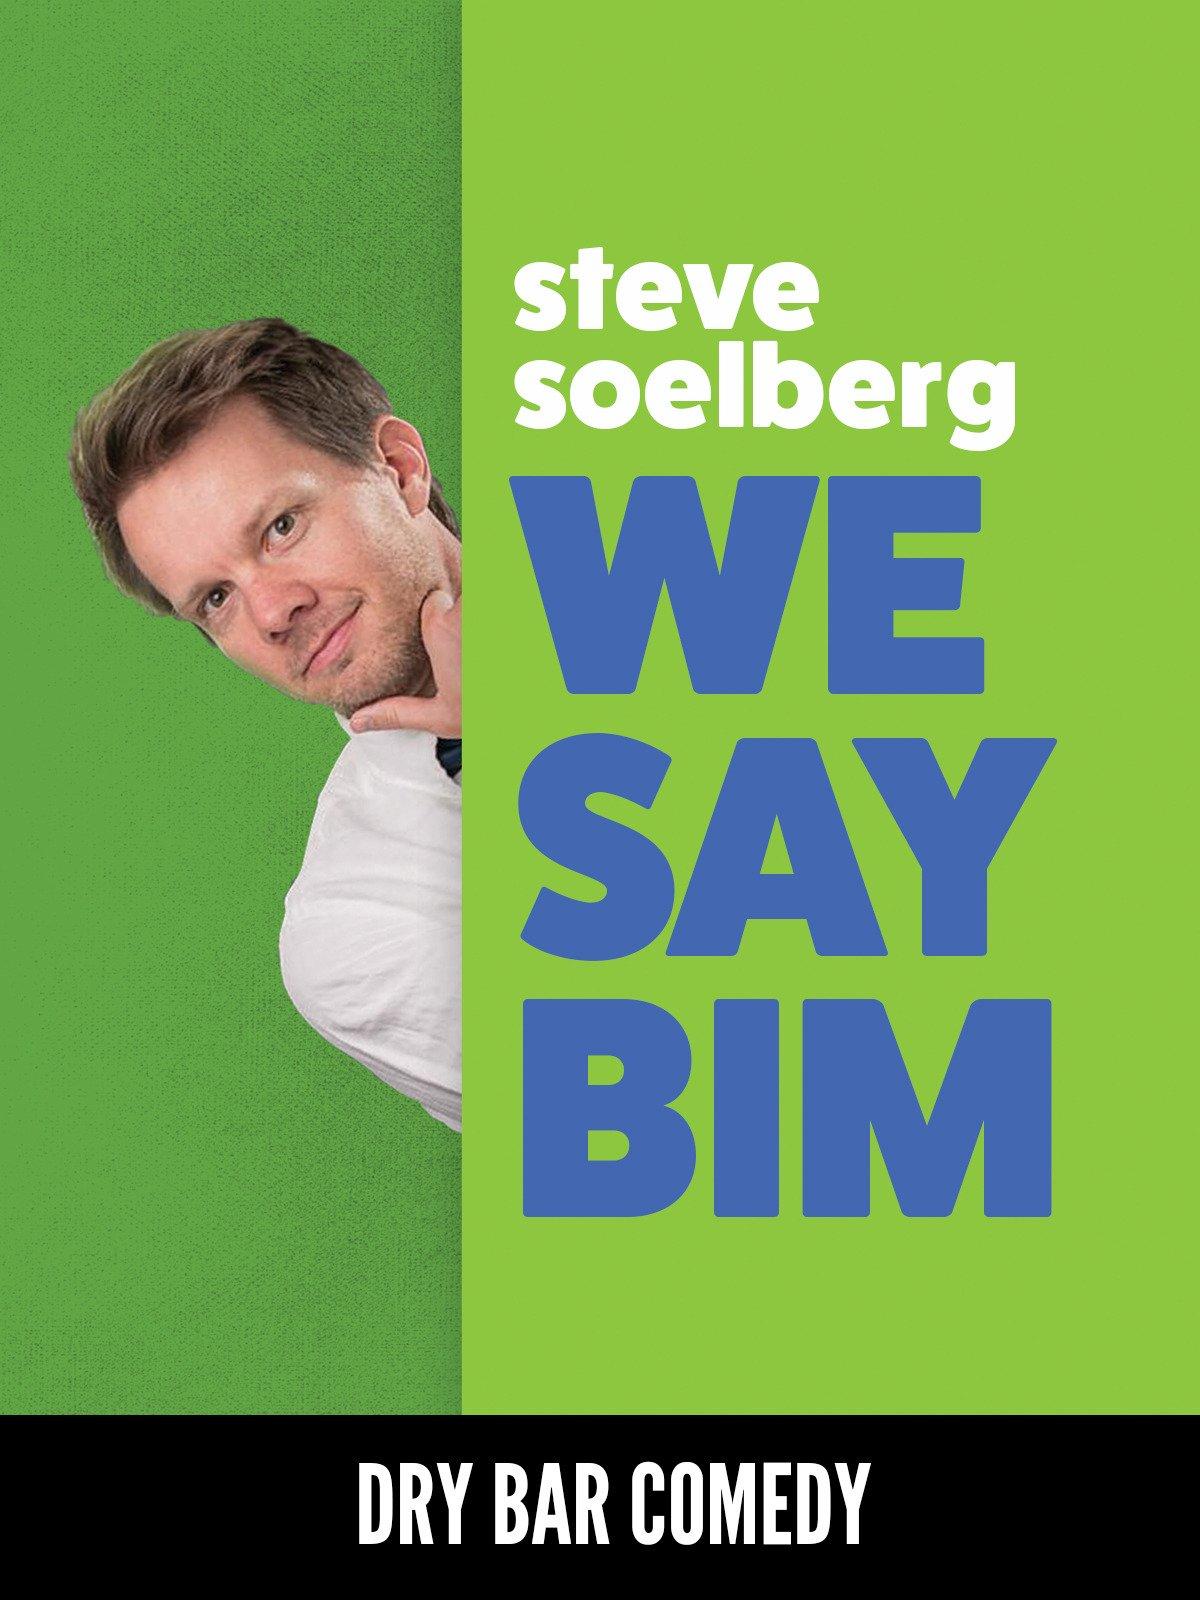 Steve Soelberg - We Say Bim